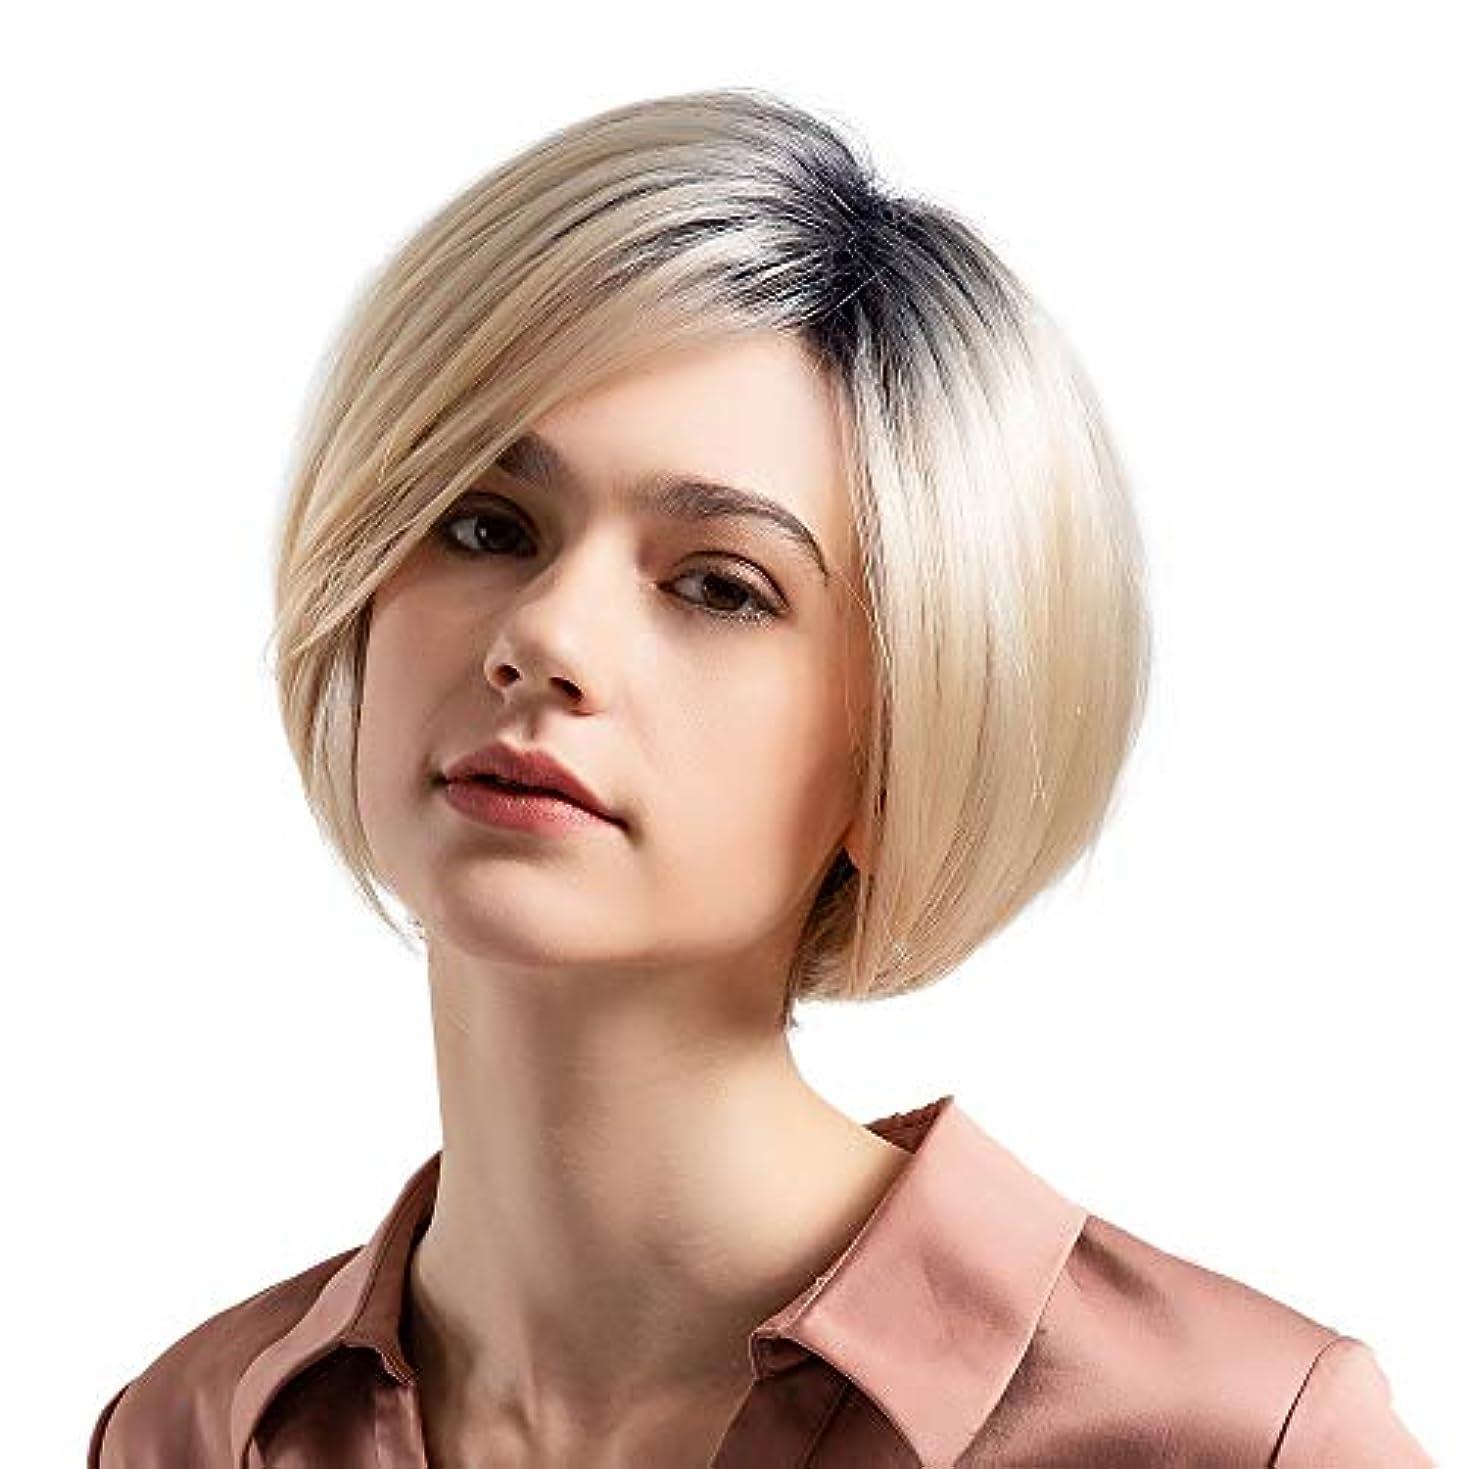 痴漢シャックル活気づくウィッグショートボブストレートヘア50%リアルヘアウィッグ女性のファッショングラデーションウィッグ